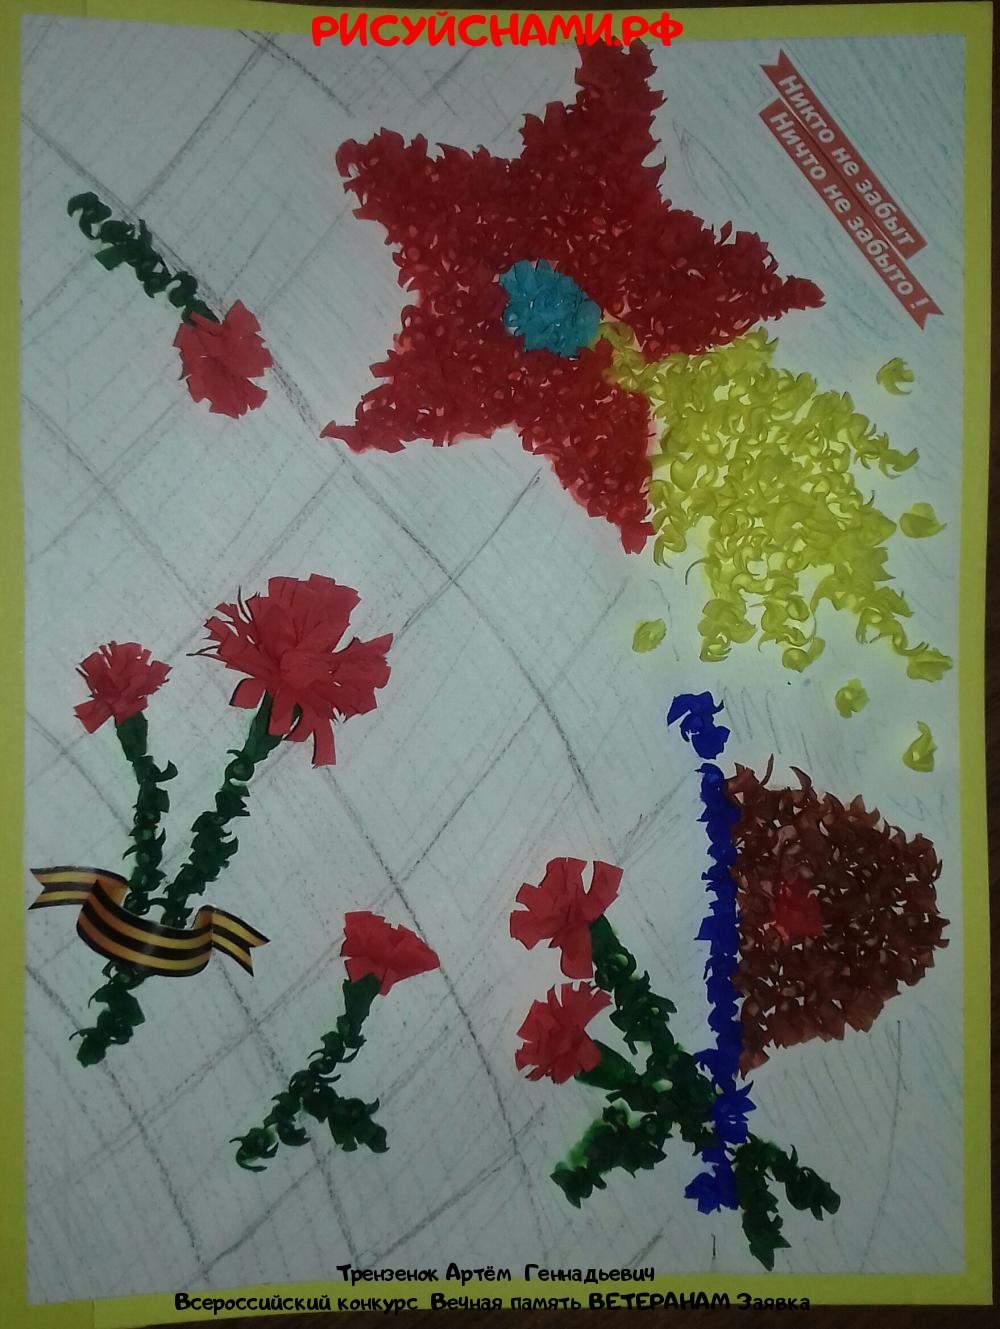 Всероссийский конкурс  Вечная память ВЕТЕРАНАМ Заявка 11331  творческие конкурсы рисунков для школьников и дошкольников рисуй с нами #тмрисуйснами рисунок и поделка - Трензенок Артём  Геннадьевич